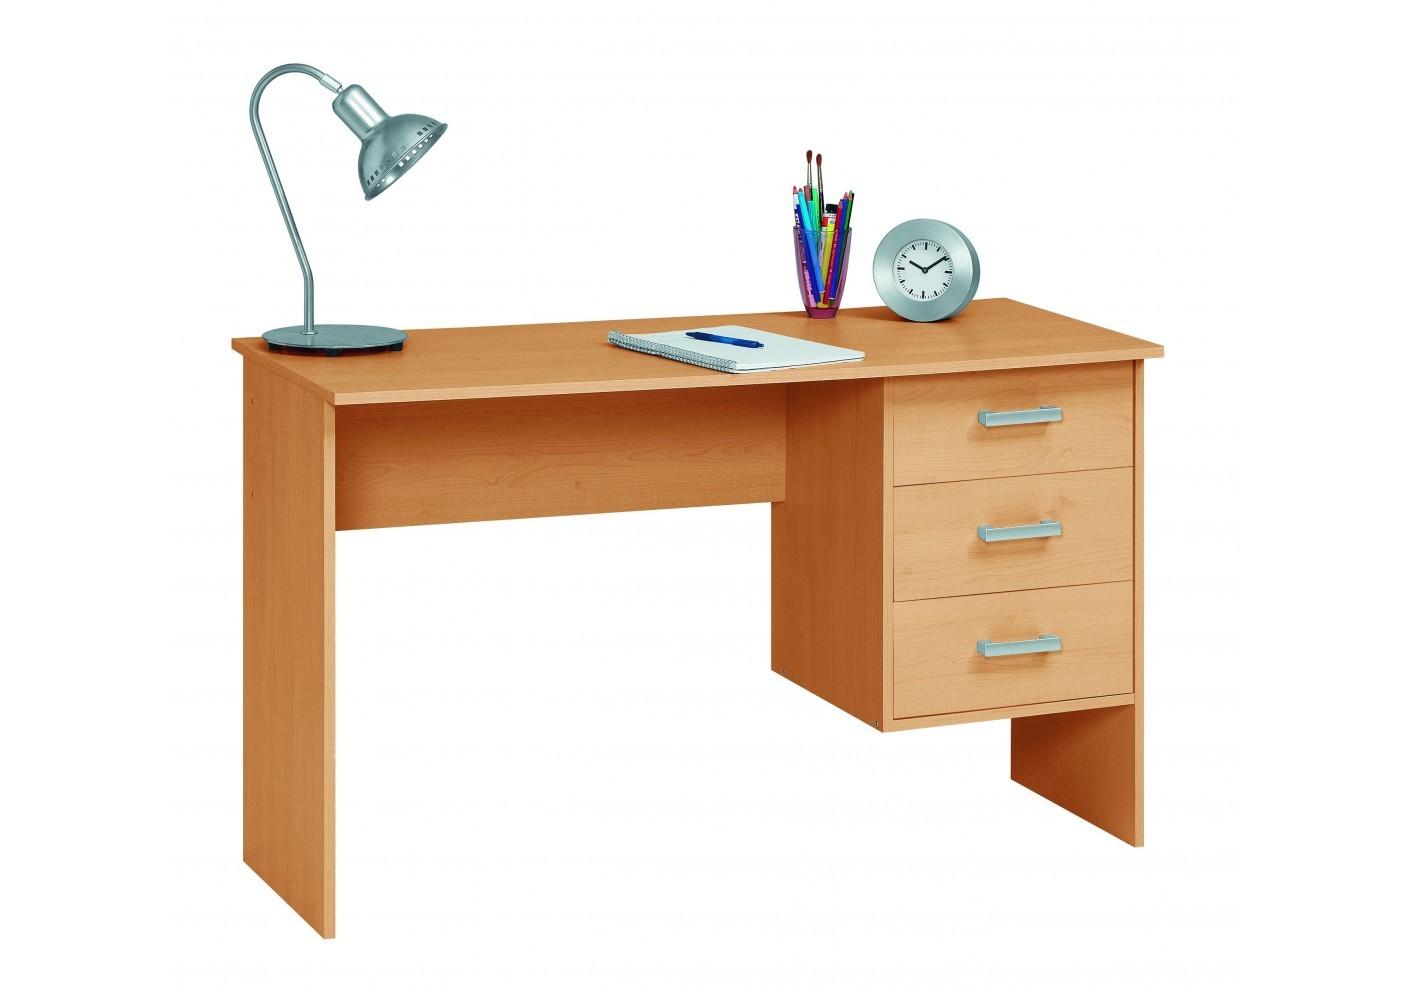 bureau 3 tiroirs charley h tre naturel bureaux caissons bureau. Black Bedroom Furniture Sets. Home Design Ideas